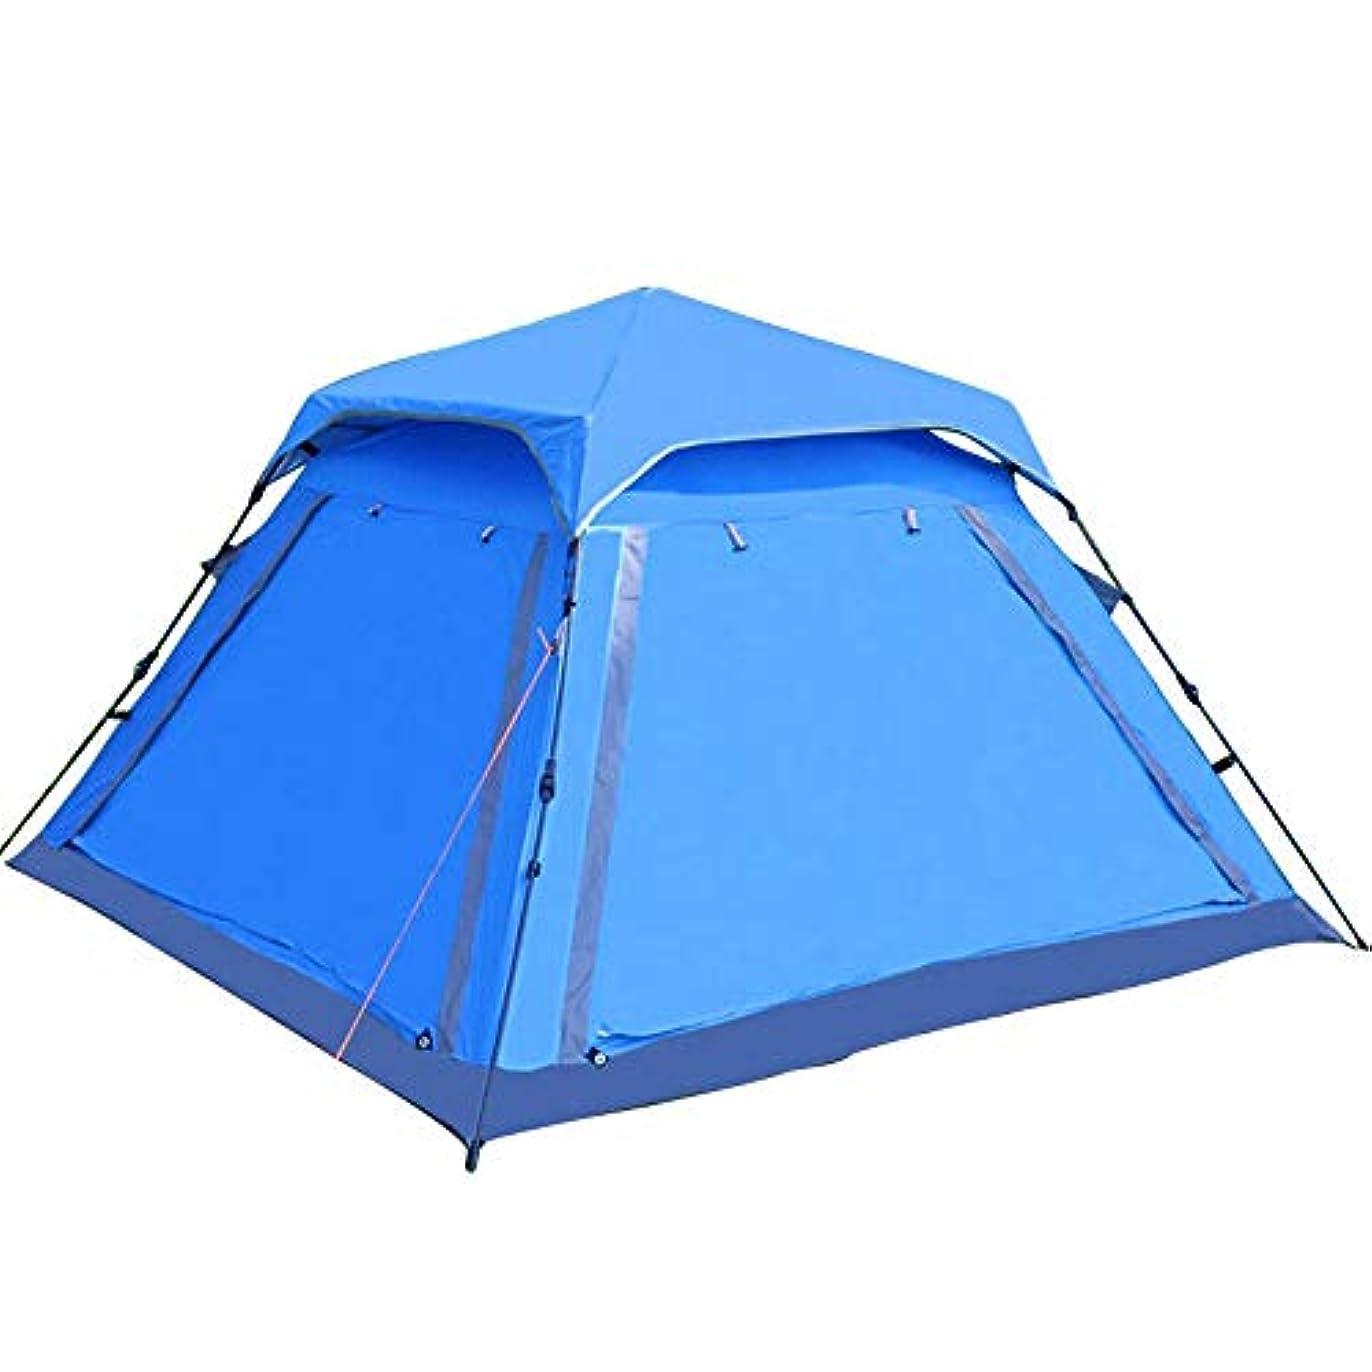 仲良し圧力文字通り全自動テント、特大3-4人キャンプ屋外スピードオープン中庭ディナーパーティー家族旅行テント